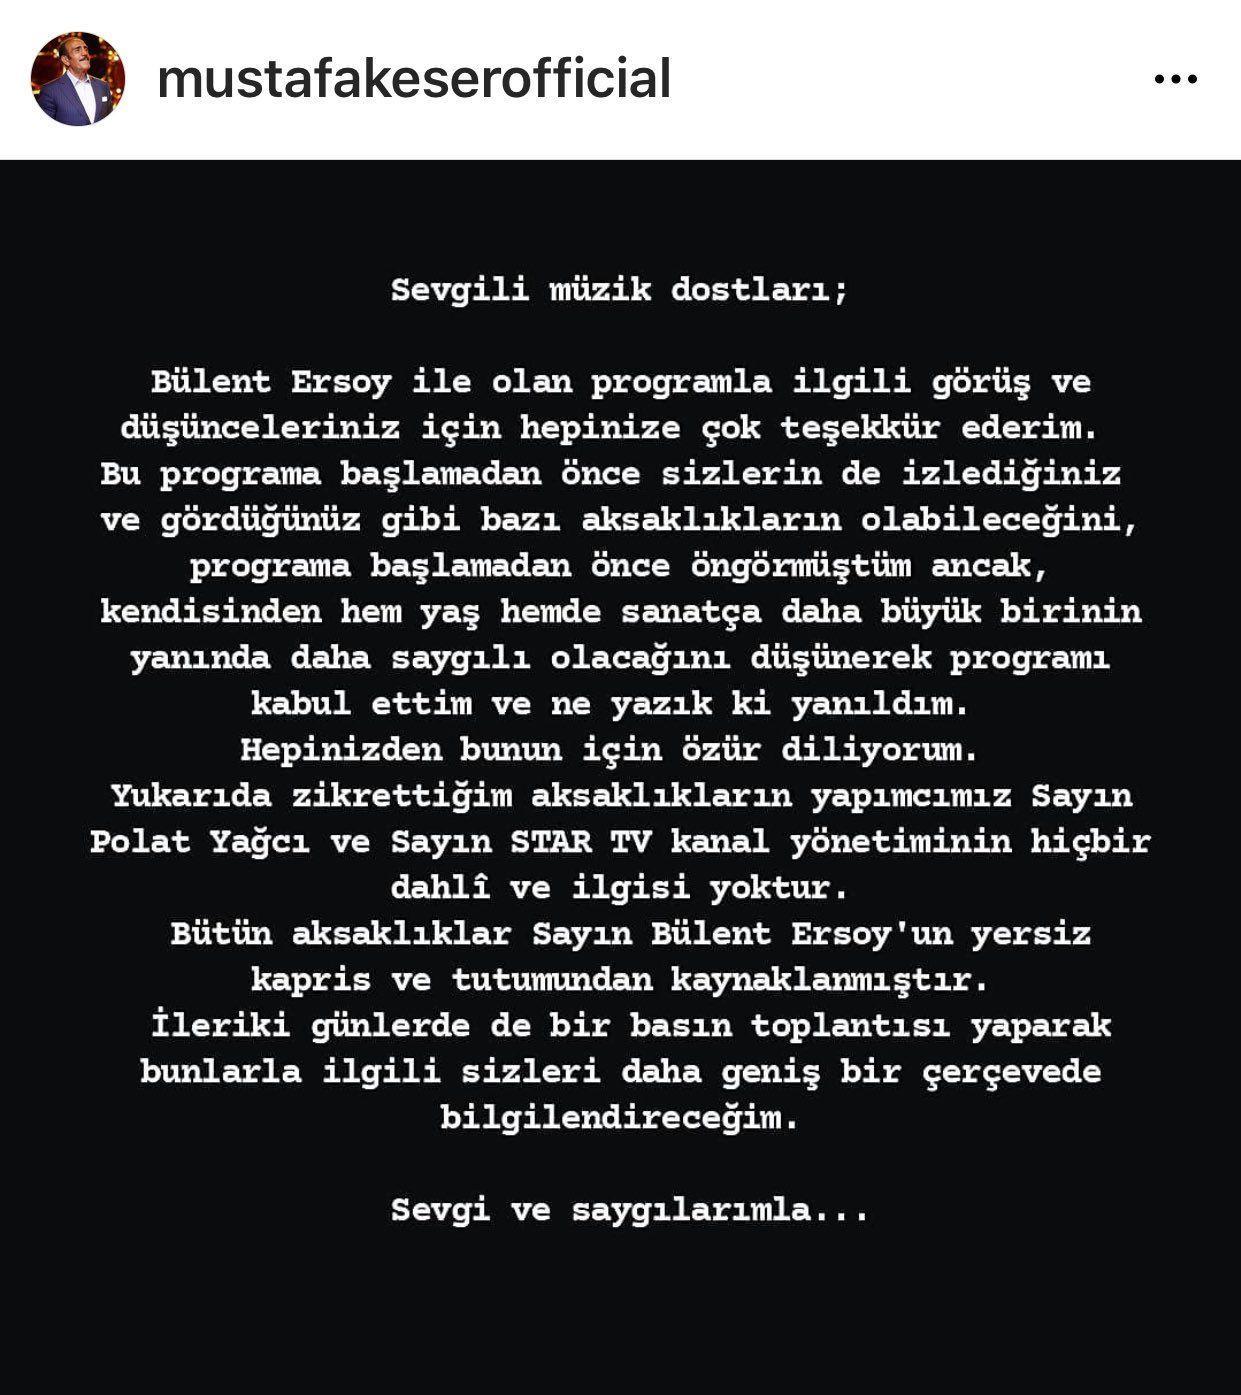 Bülent Ersoy ve Mustafa Keser'in yeni programı 'Benzemez Kimse Bize' hakkında flaş karar! - Sayfa 13